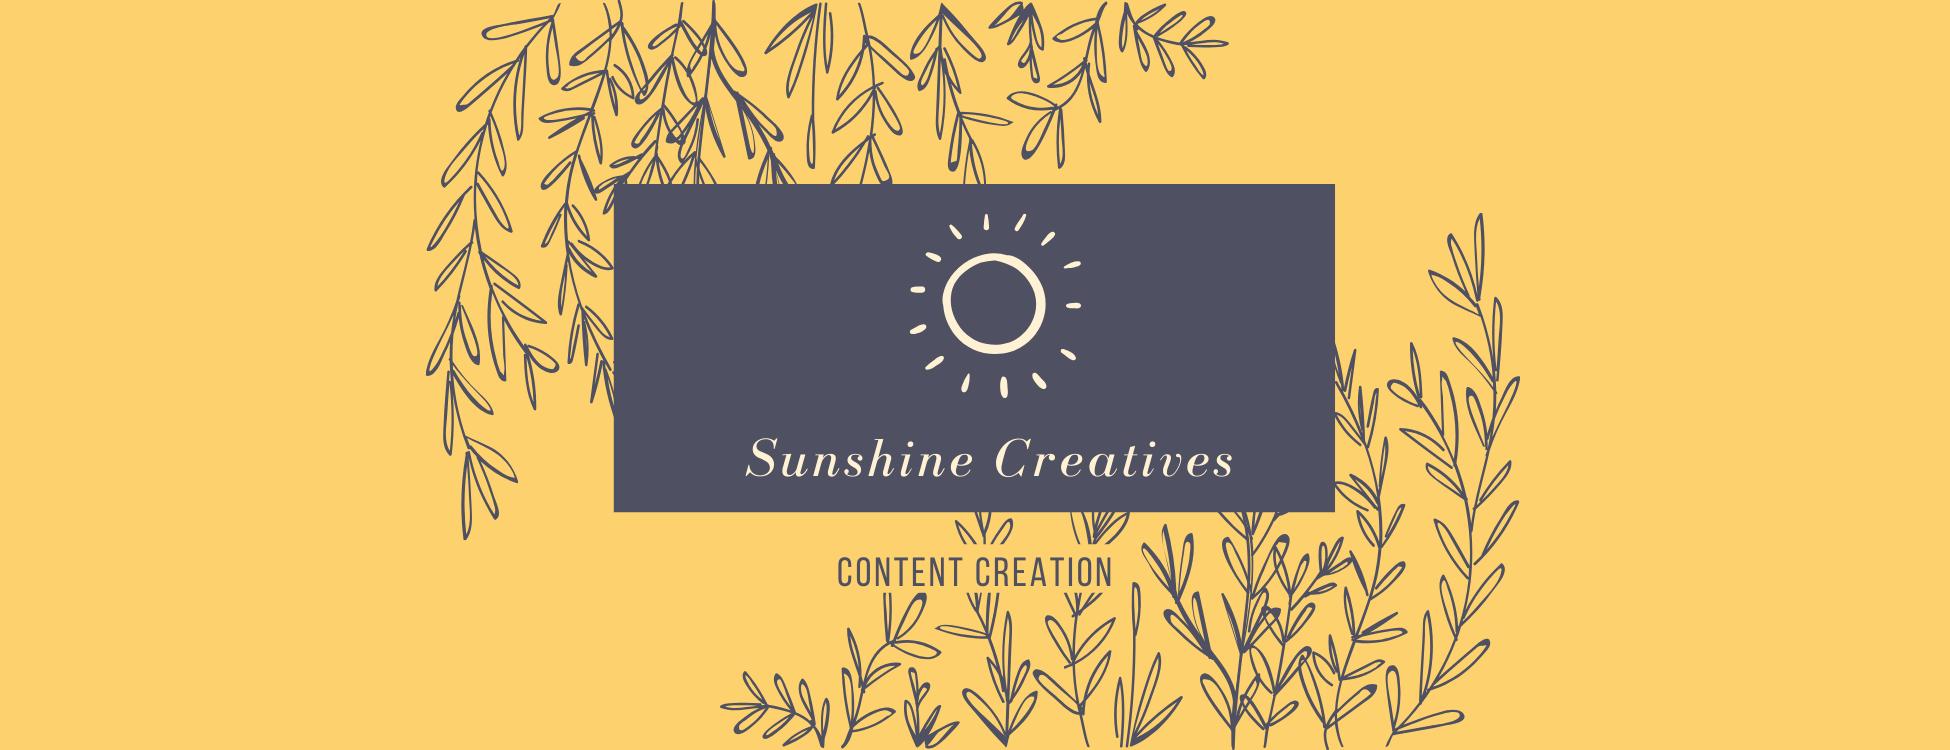 sunshine creatives